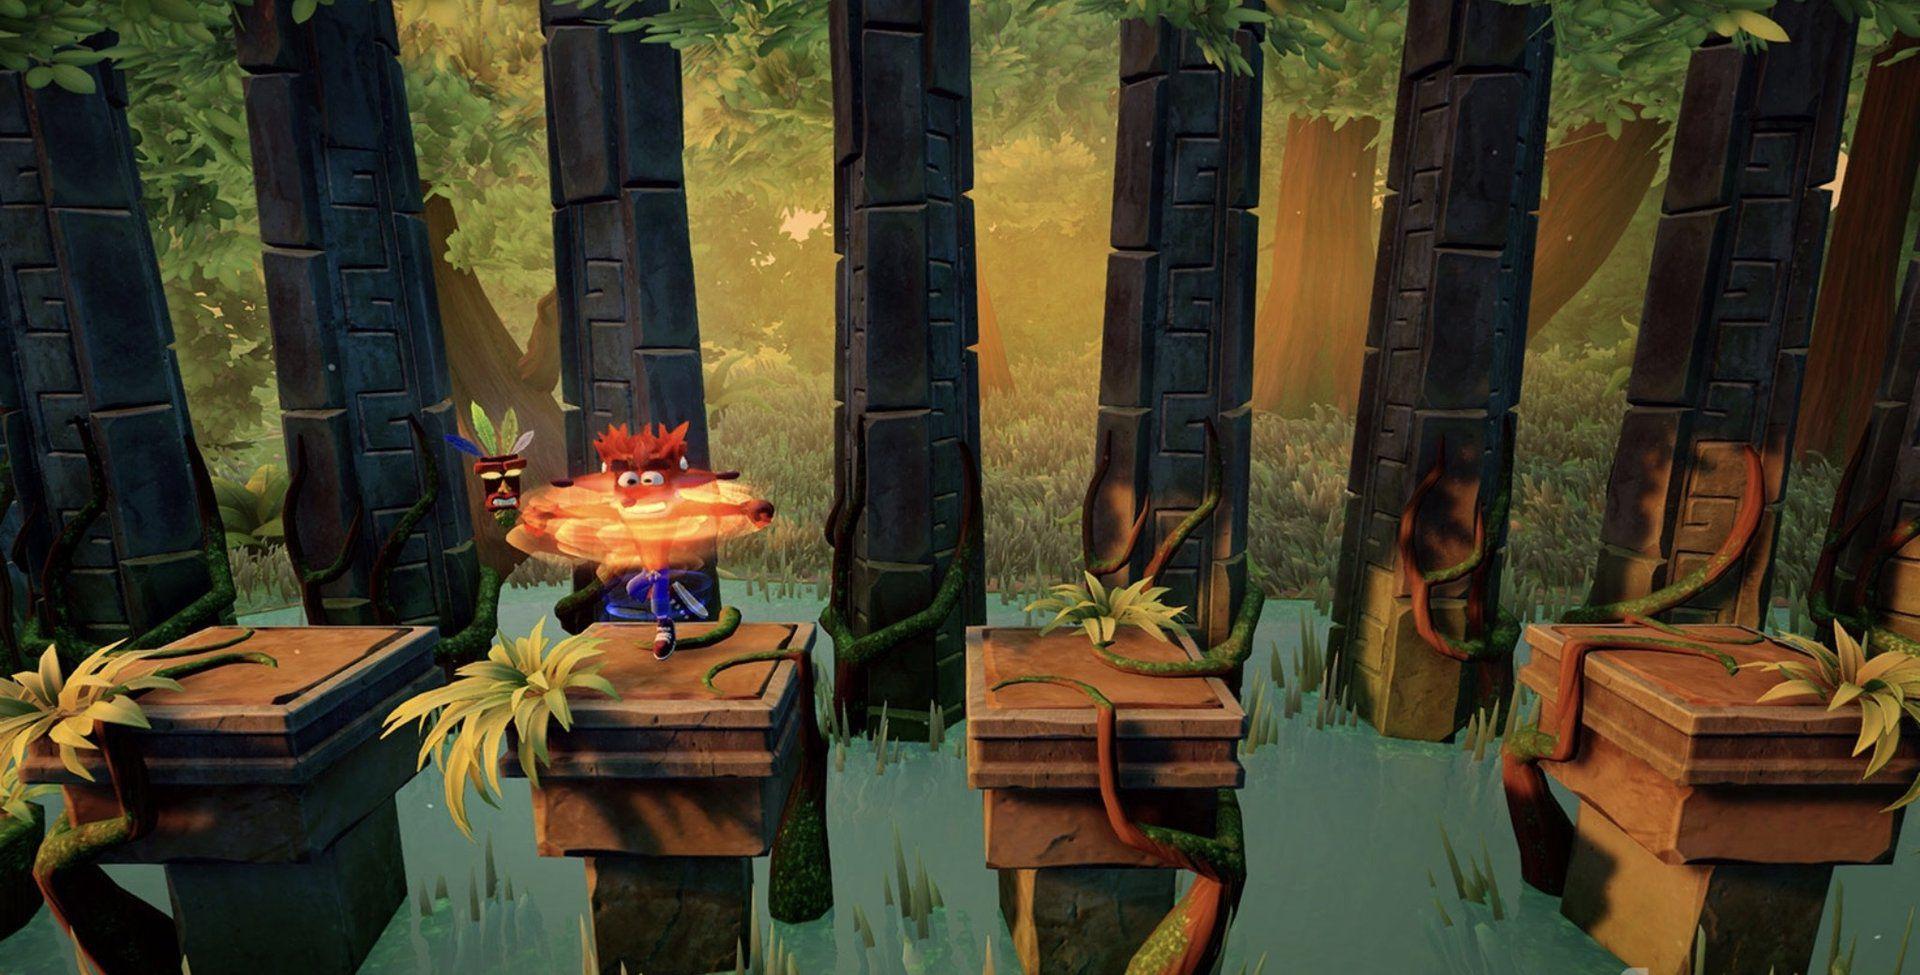 クラッシュバンディクーPS4 クラッシュバンディクー リマスター「クラッシュバンディクートリロジー」 クラッシュ2含む、美麗な新ゲーム画面公開!